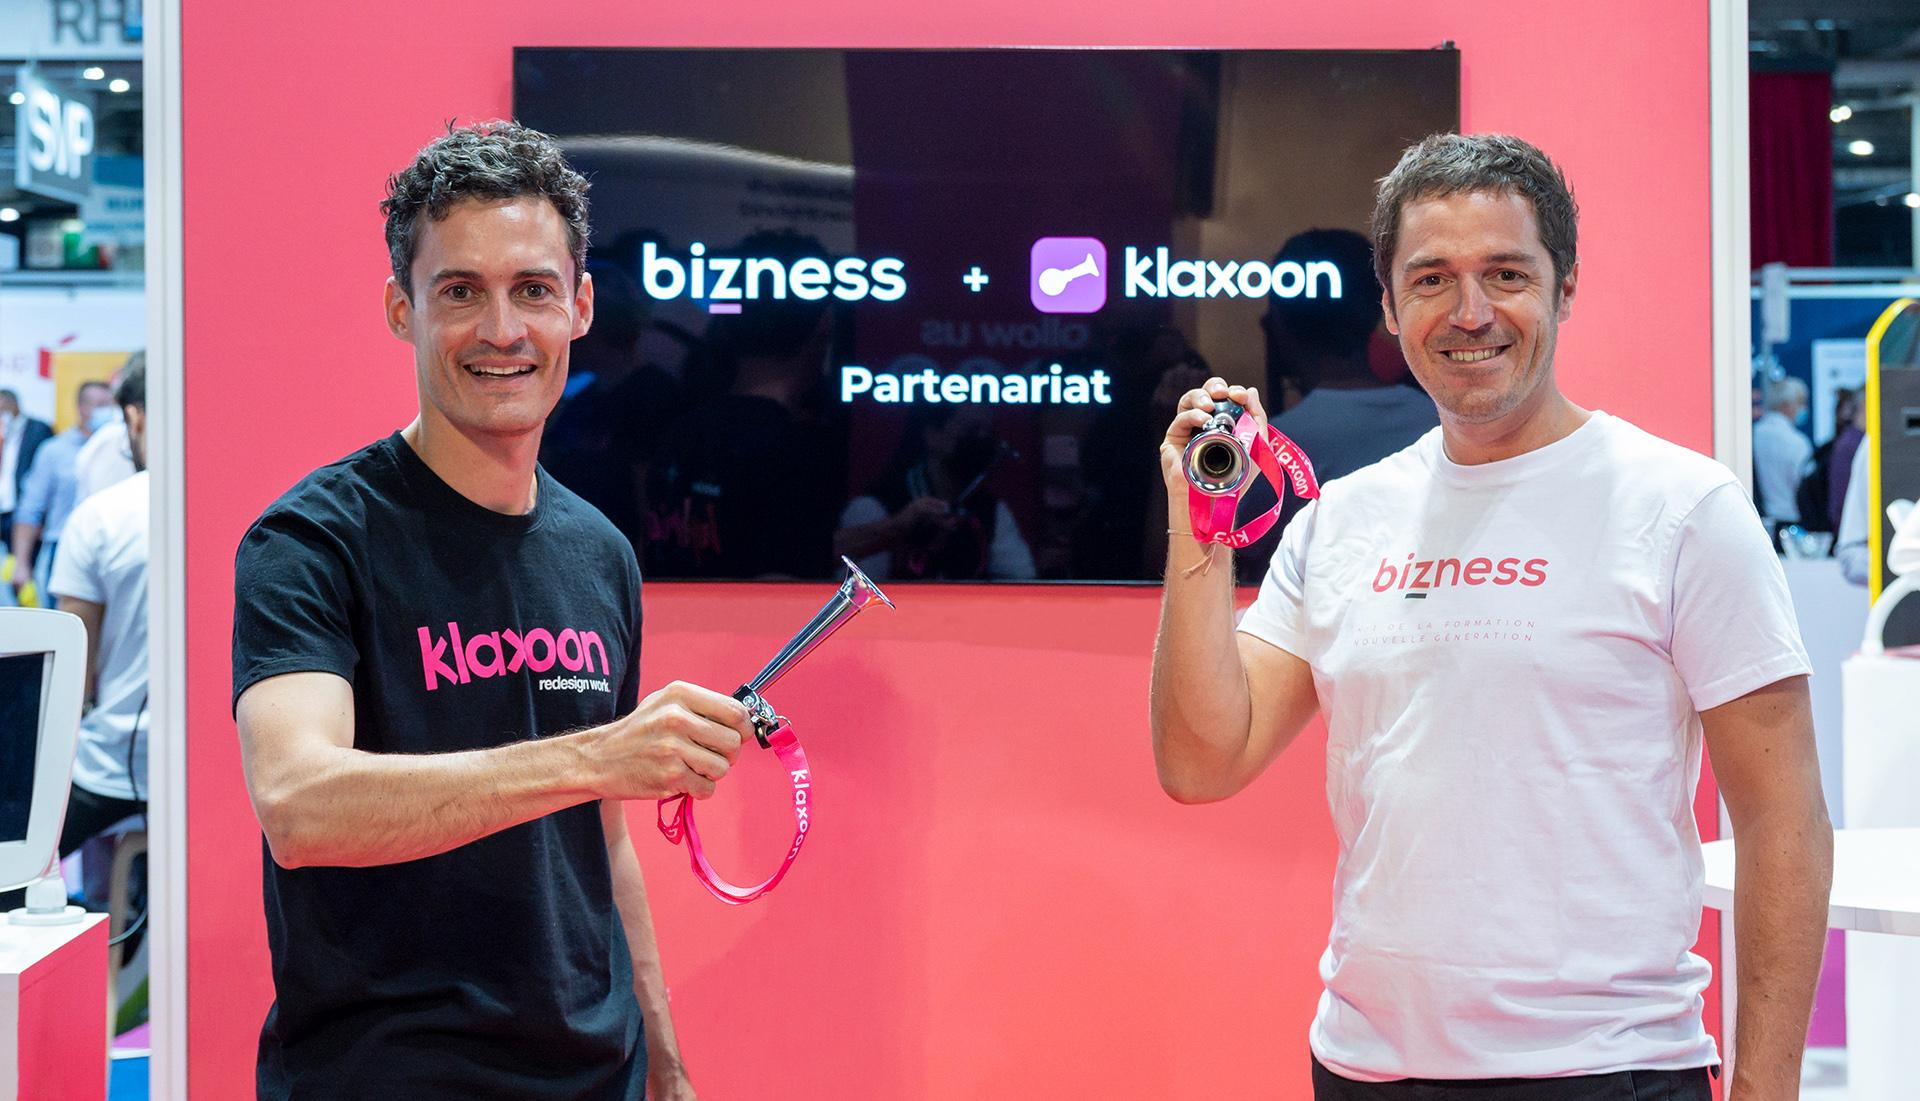 formation à distance sur Board Hybrid | partenariat Bizness Storiz |Klaxoon